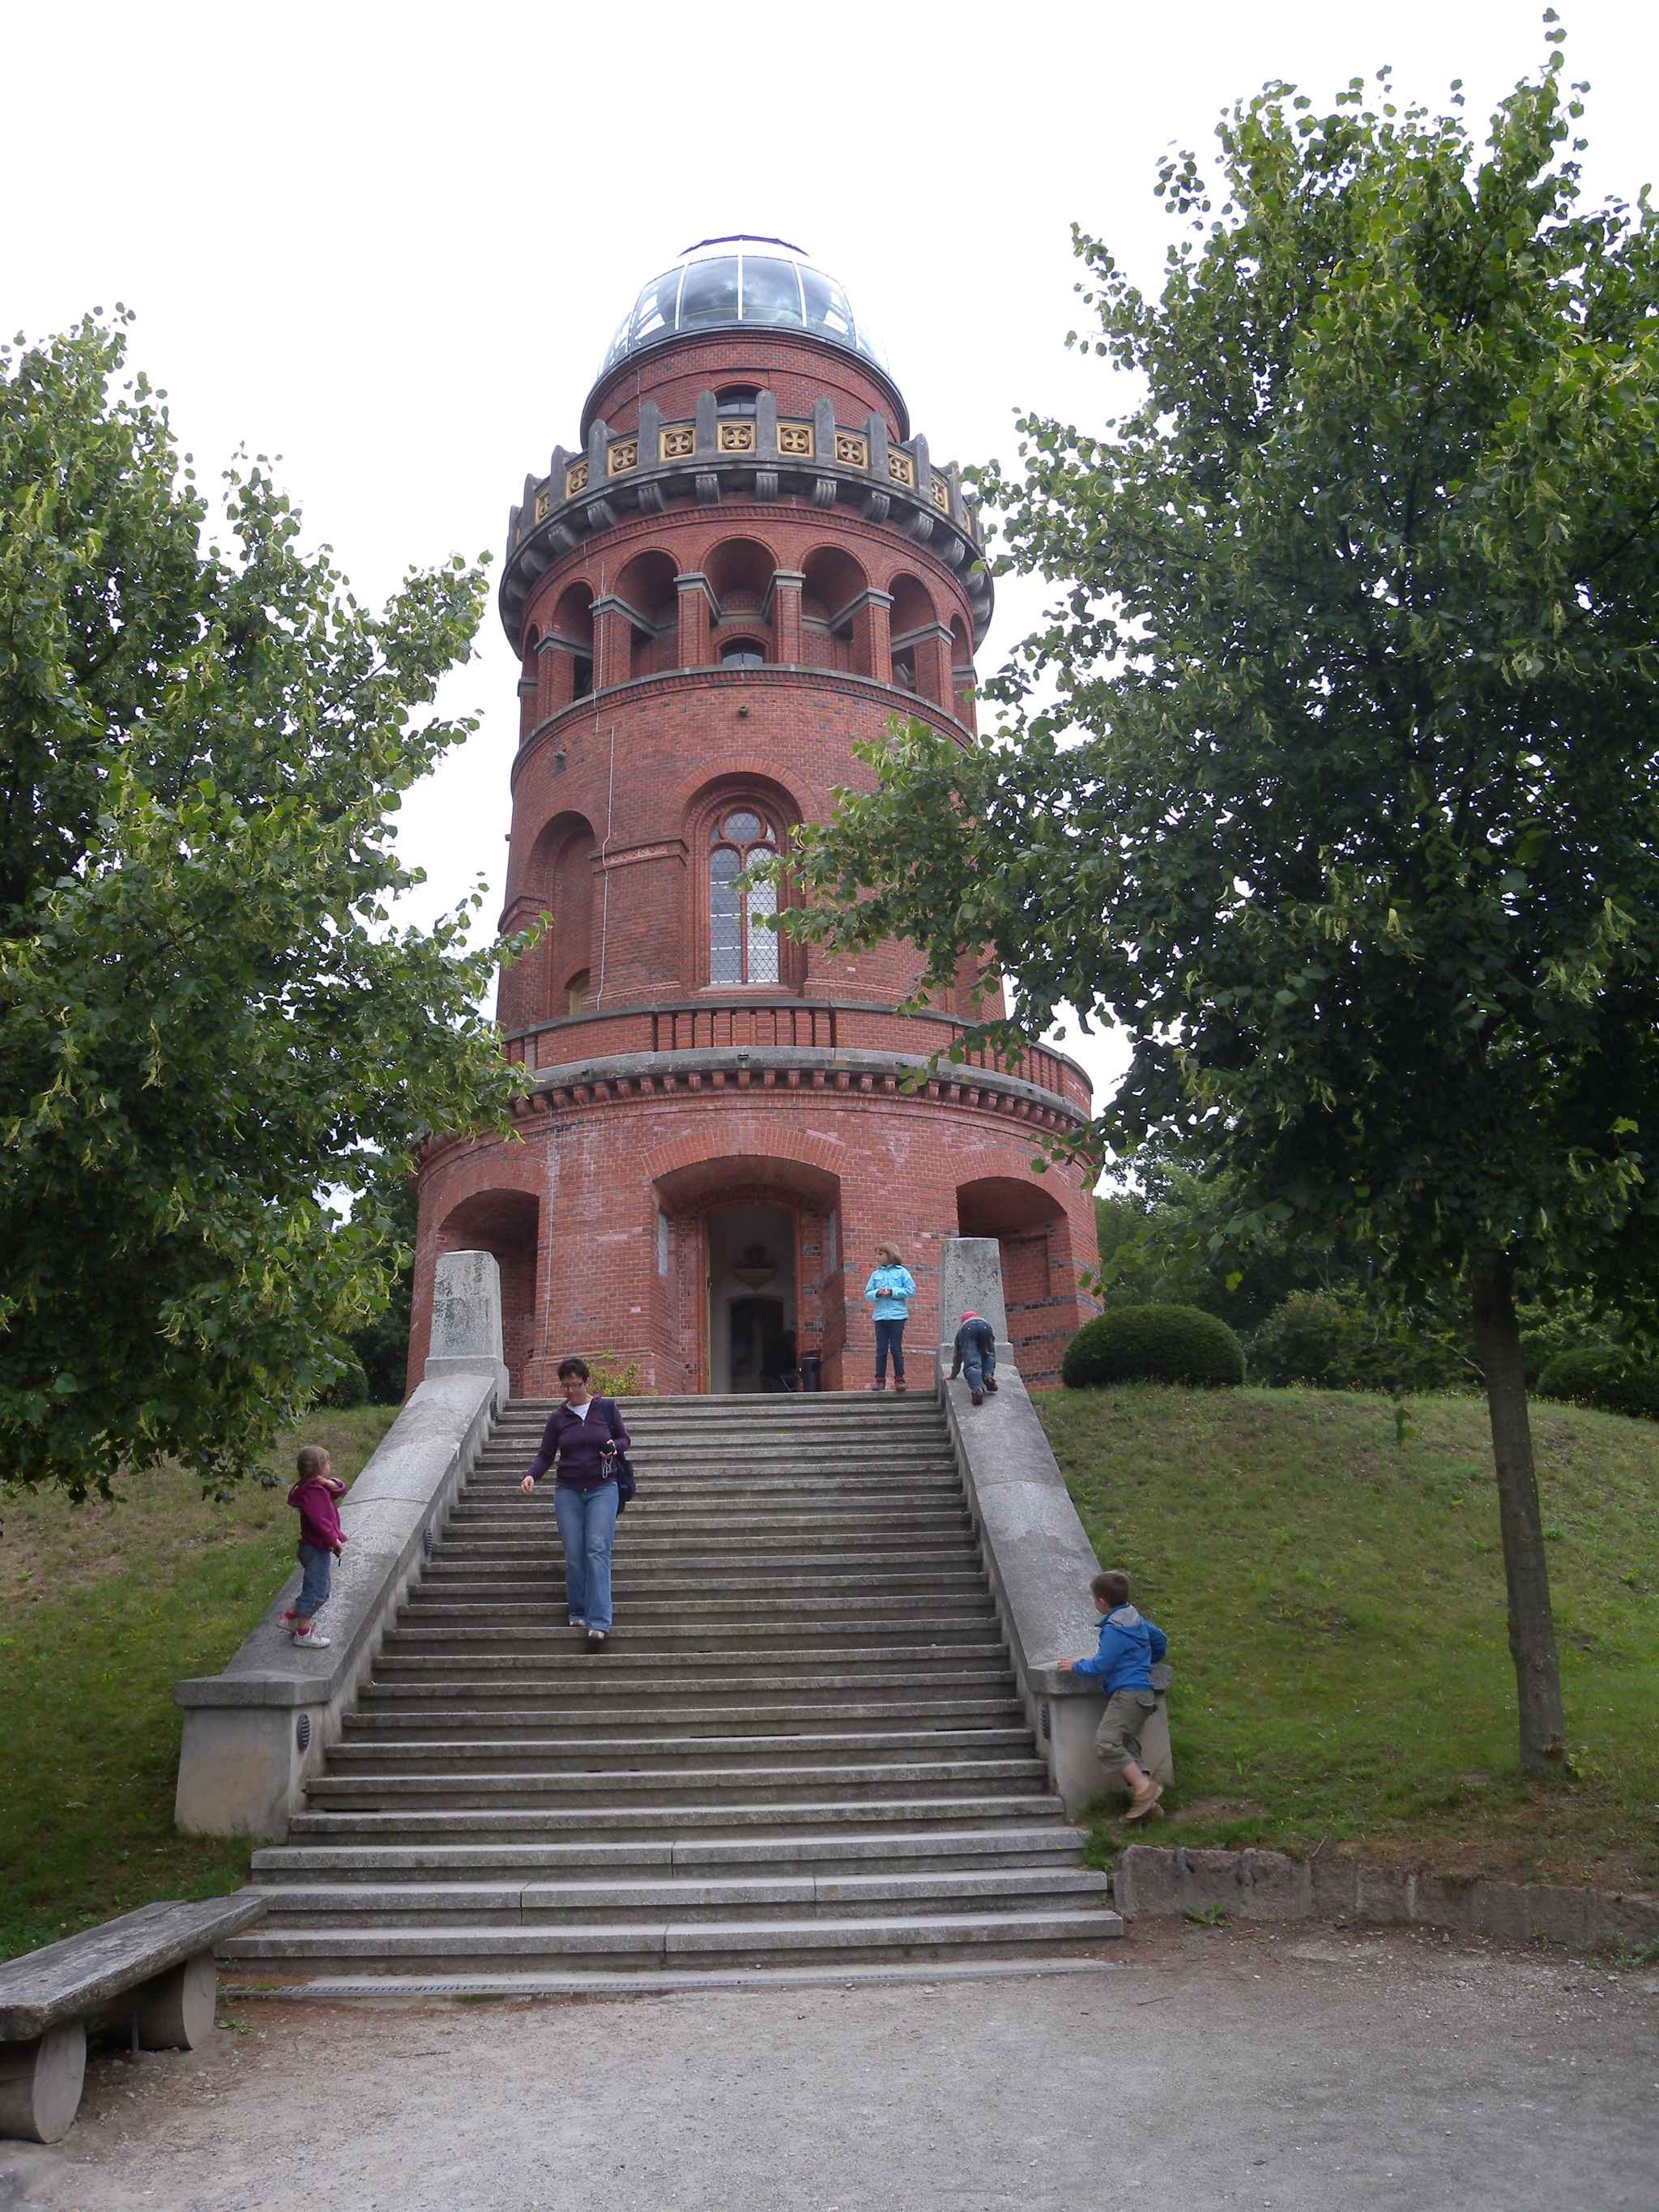 Ferienwohnung mit Terrasse und Garten (311984), Bergen (Rügen), Rügen, Mecklenburg-Vorpommern, Deutschland, Bild 12